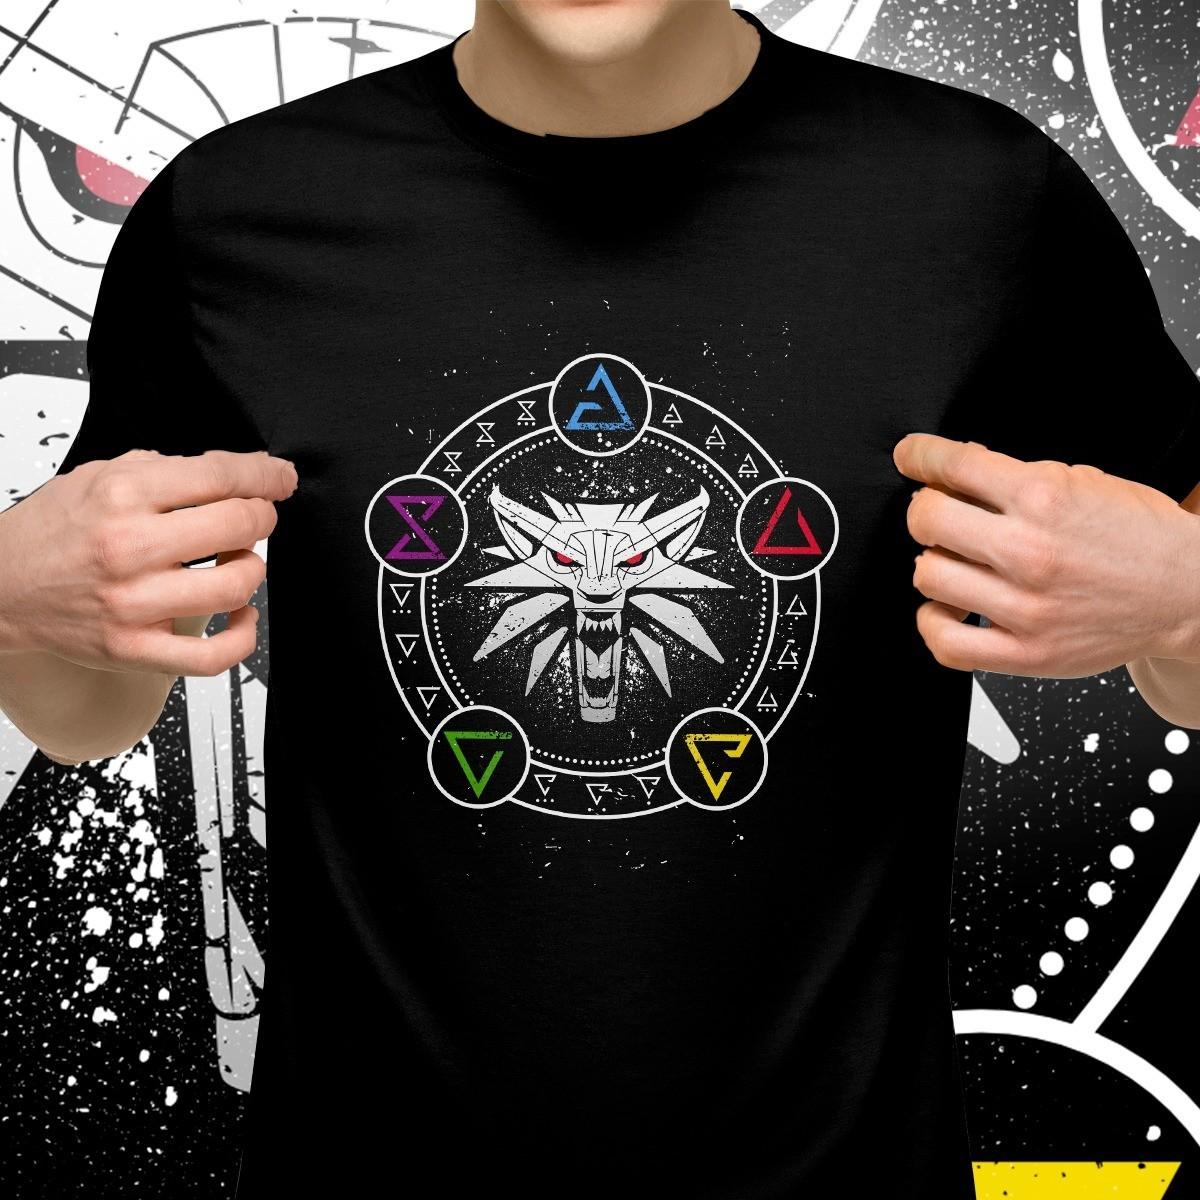 Camiseta Unissex Sinais De Bruxo: The Witcher Tamanho G